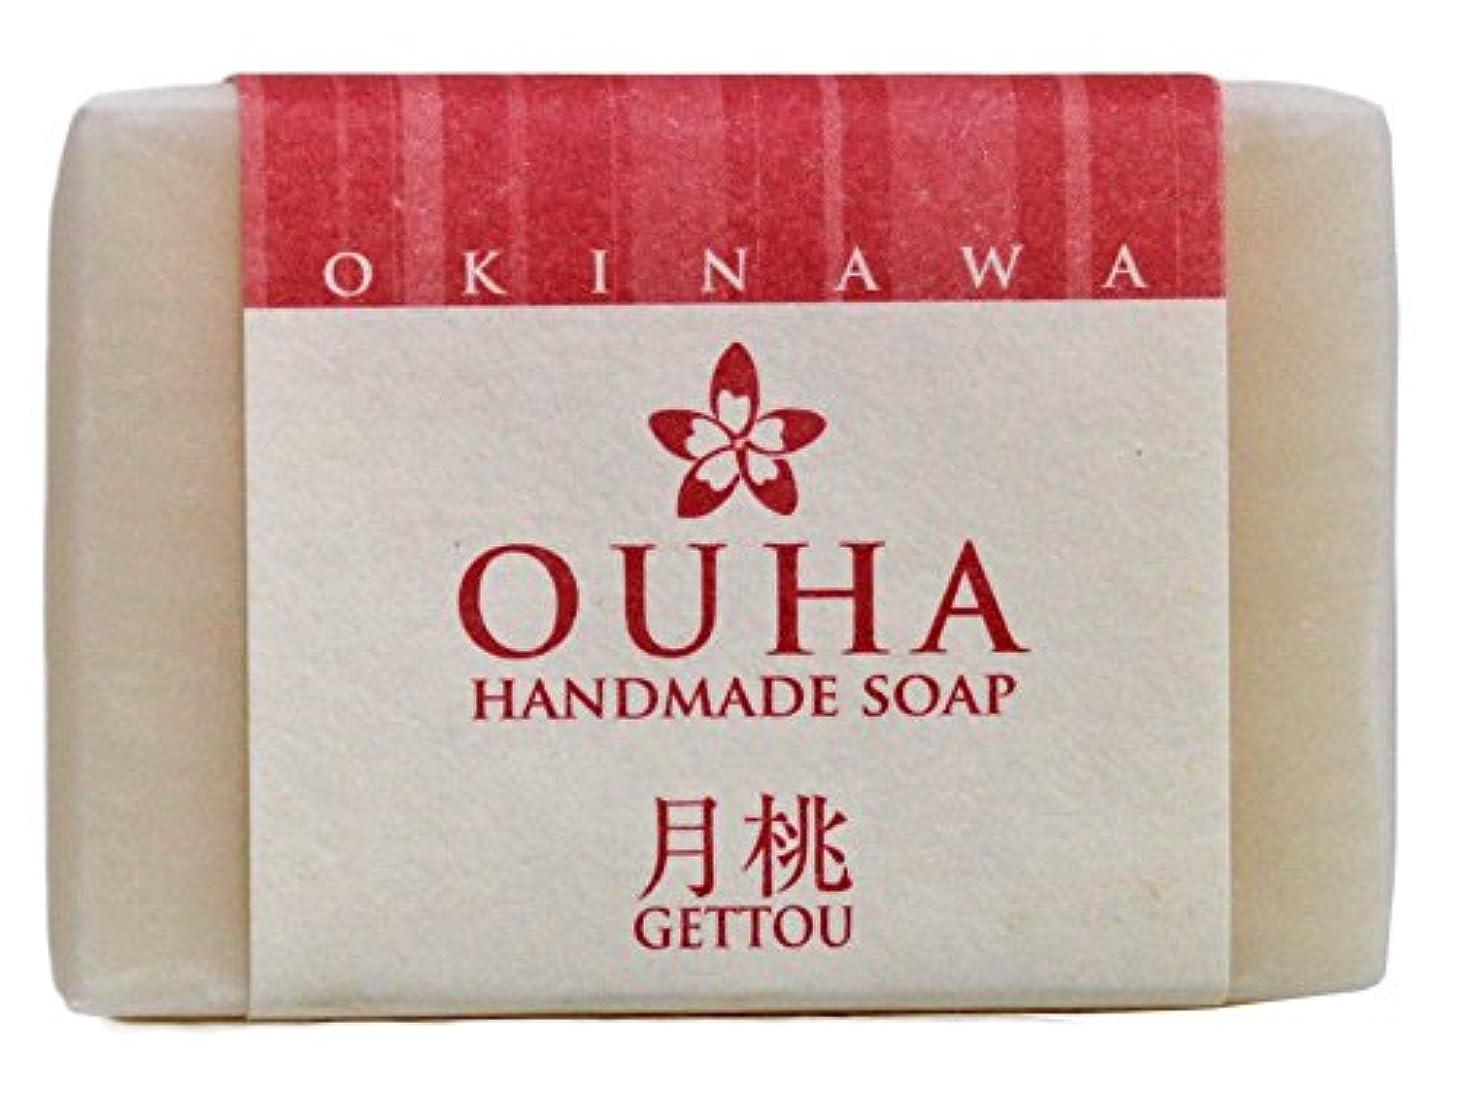 助言する書誌極端な沖縄手作り洗顔せっけん OUHAソープ 月桃 47g